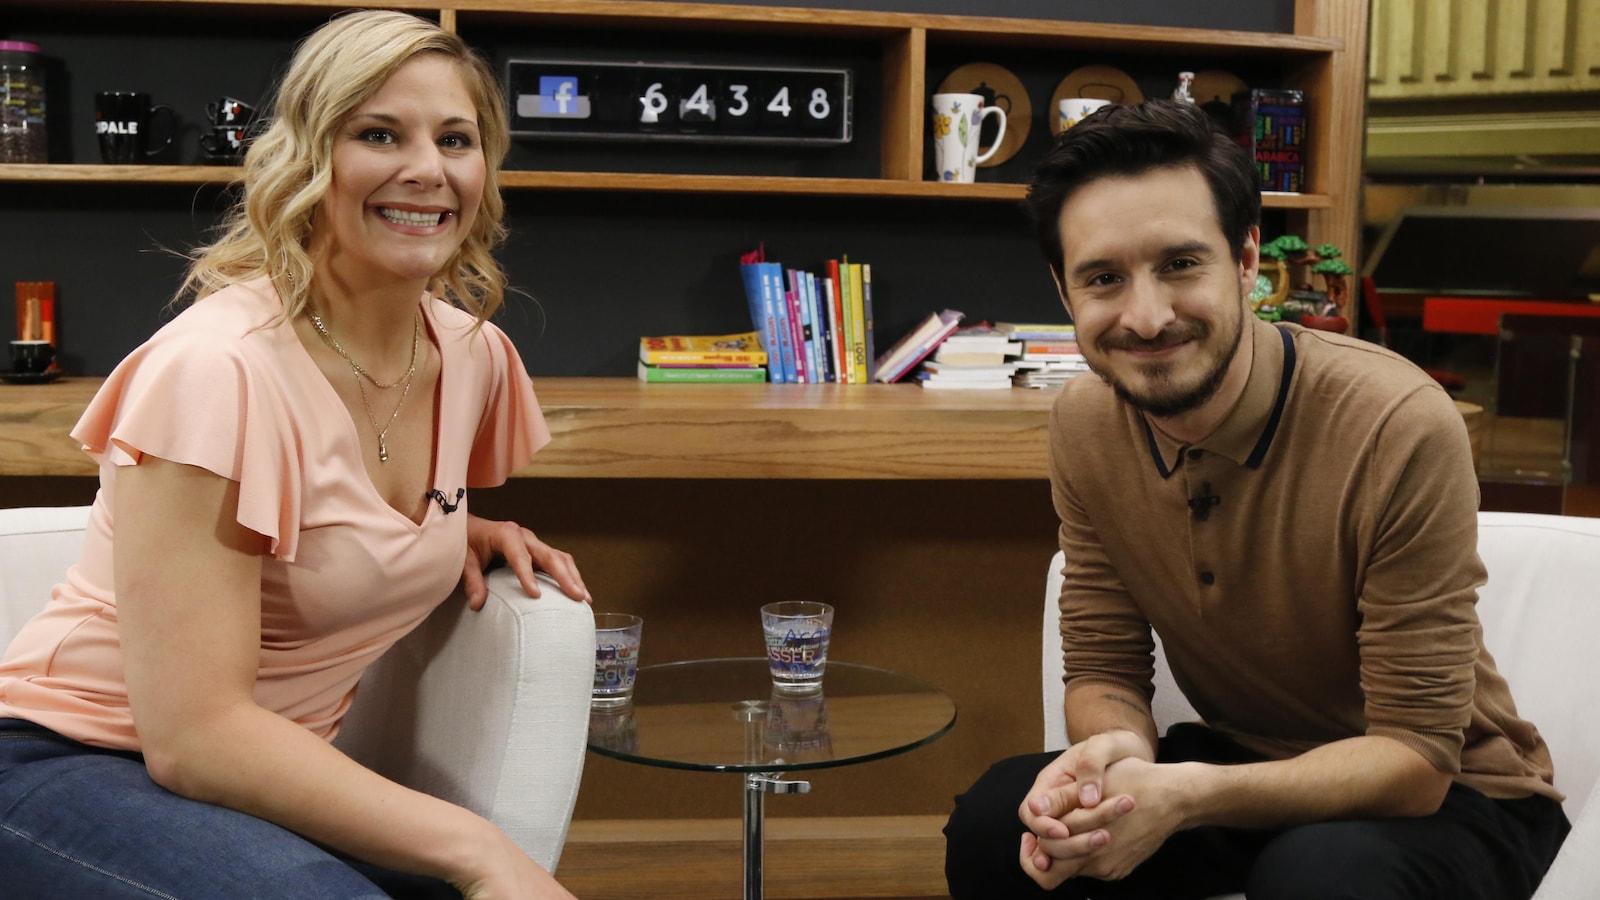 Assis sur les fauteuils pour une entrevue, Marie-Ève Dicaire et Sébastien Diaz regardent l'objectif de la caméra.